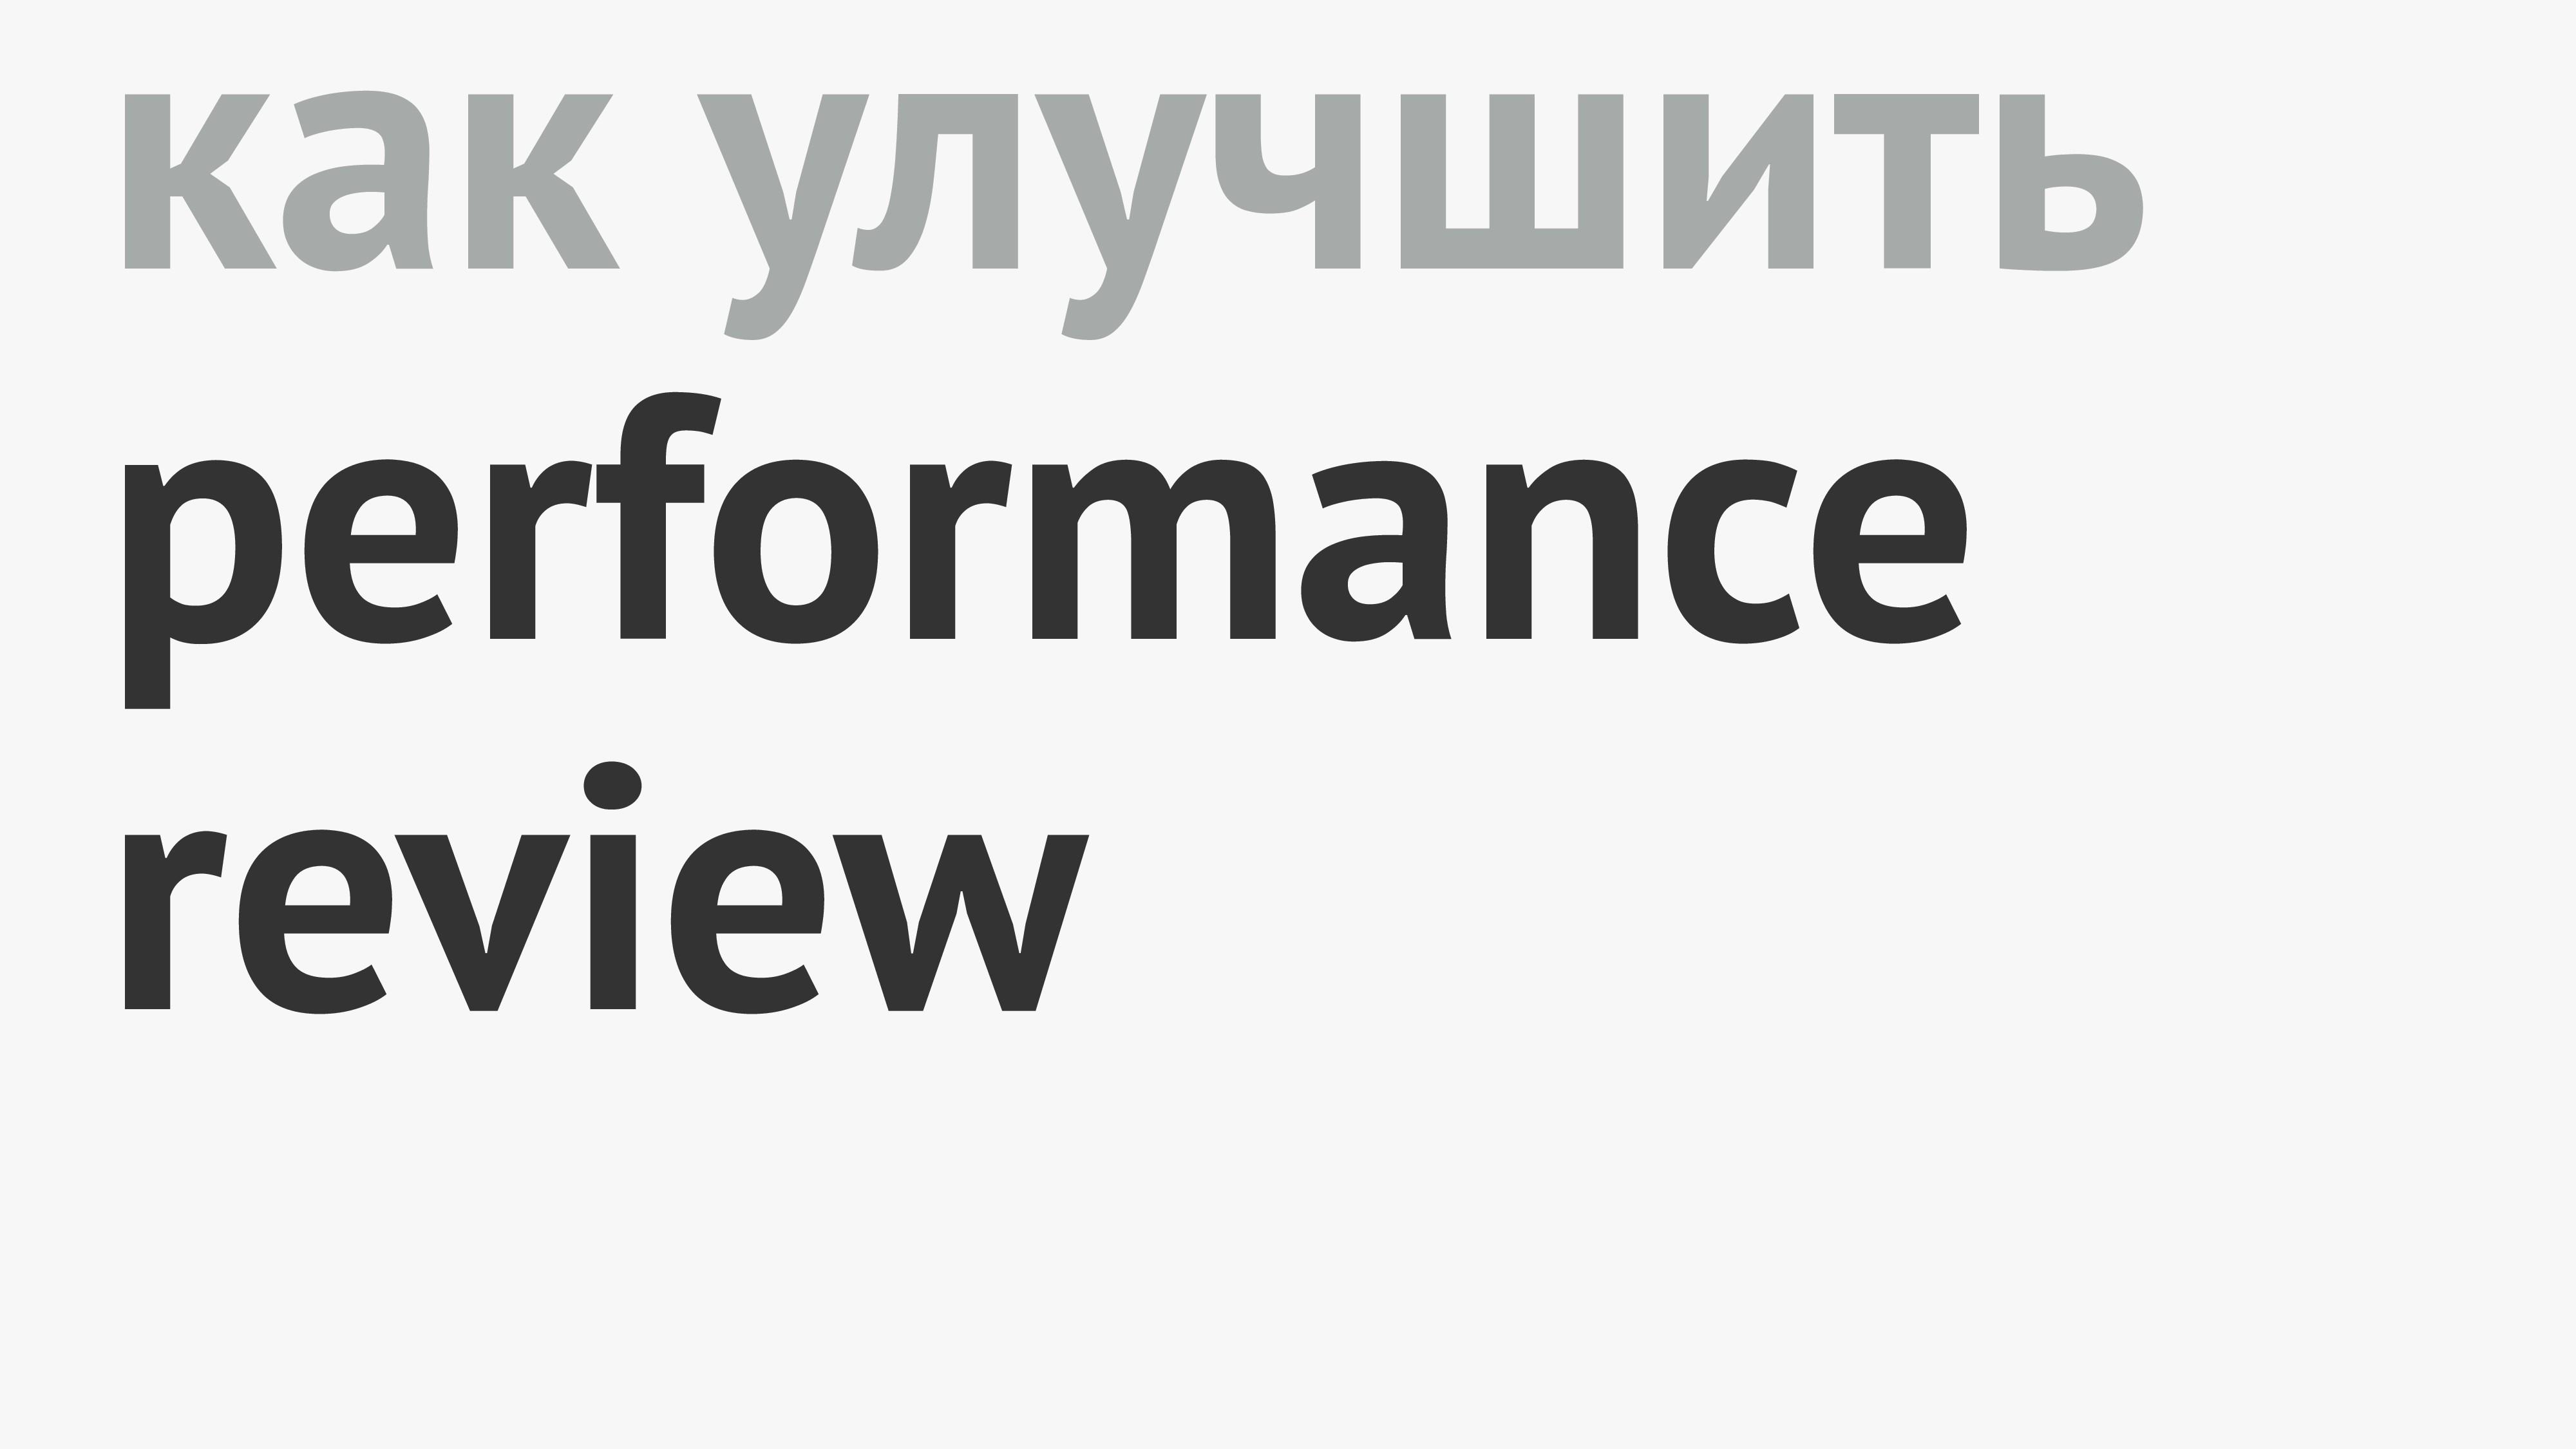 как улучшить performance review